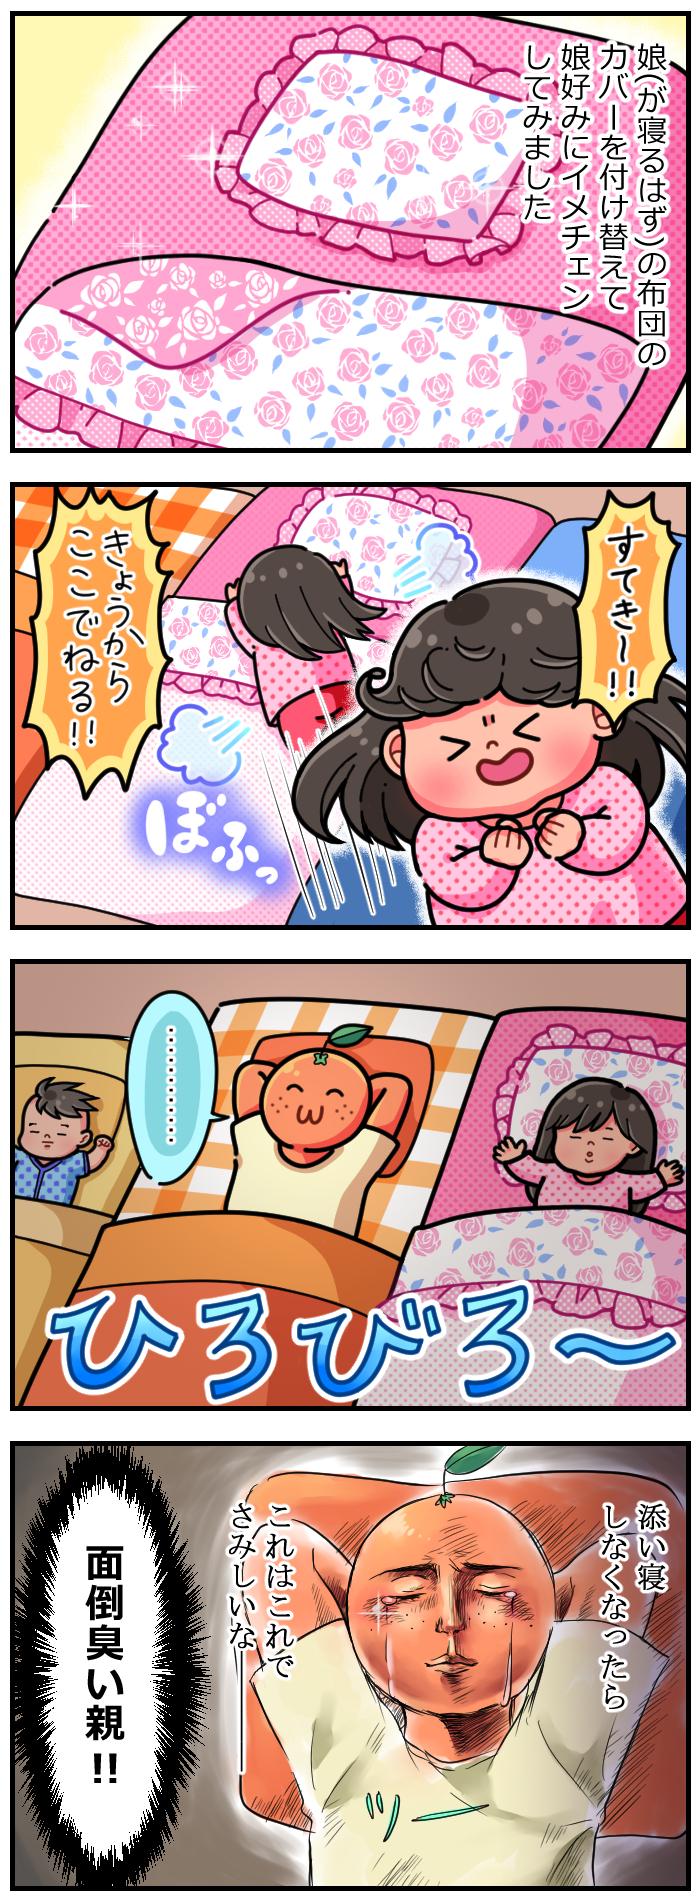 川の字に並んで寝るはずだったのに…!?子どもの衝撃寝相と我が家のお布団事情の画像3